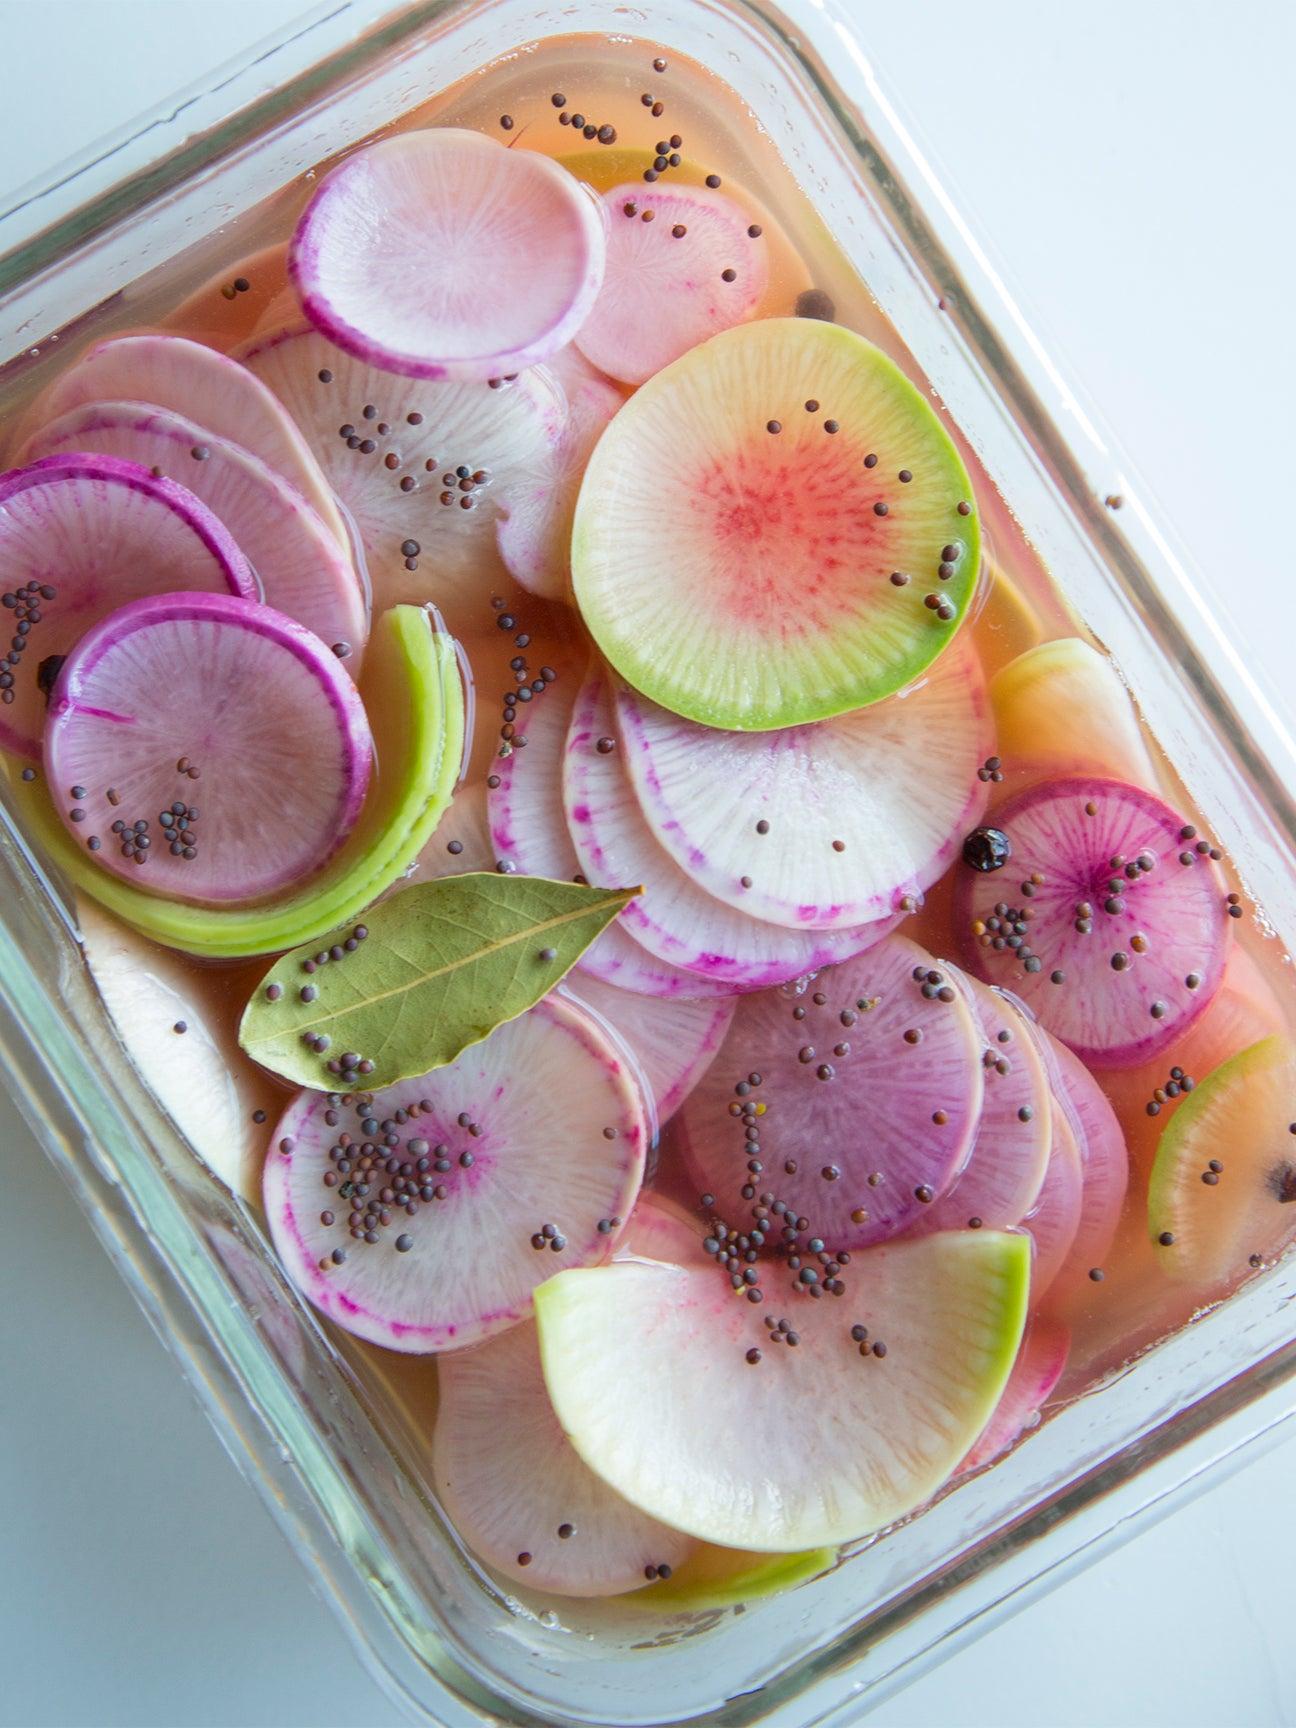 Radishes in dish